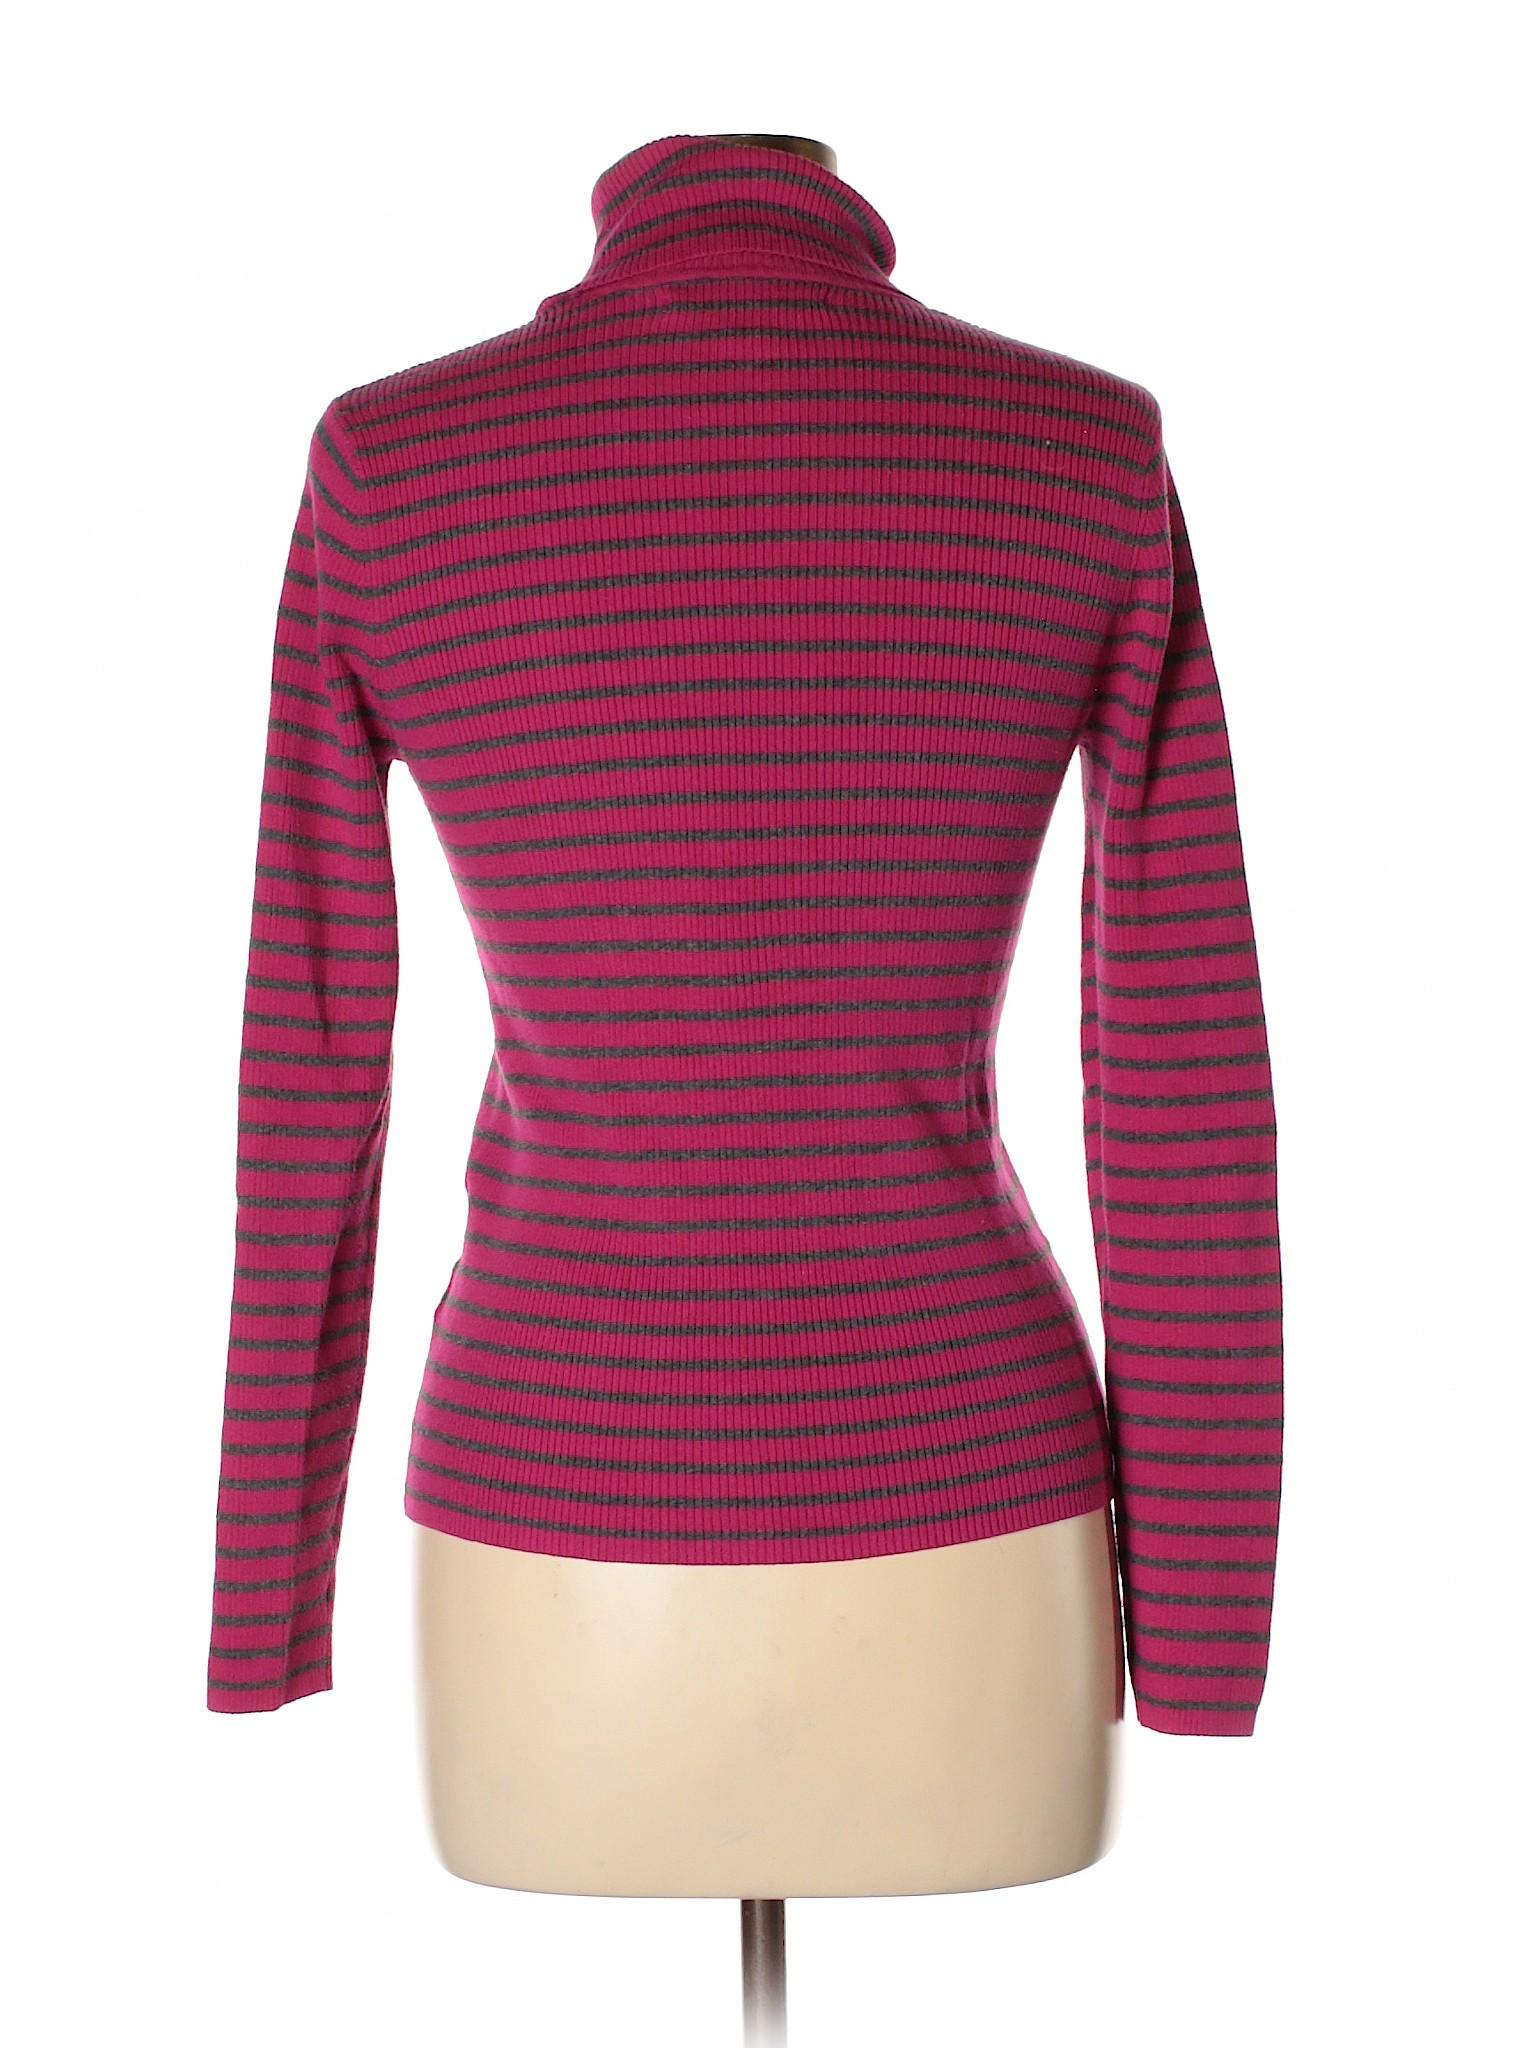 Boutique Turtleneck Old Sweater Navy winter rvrxqFOwKC